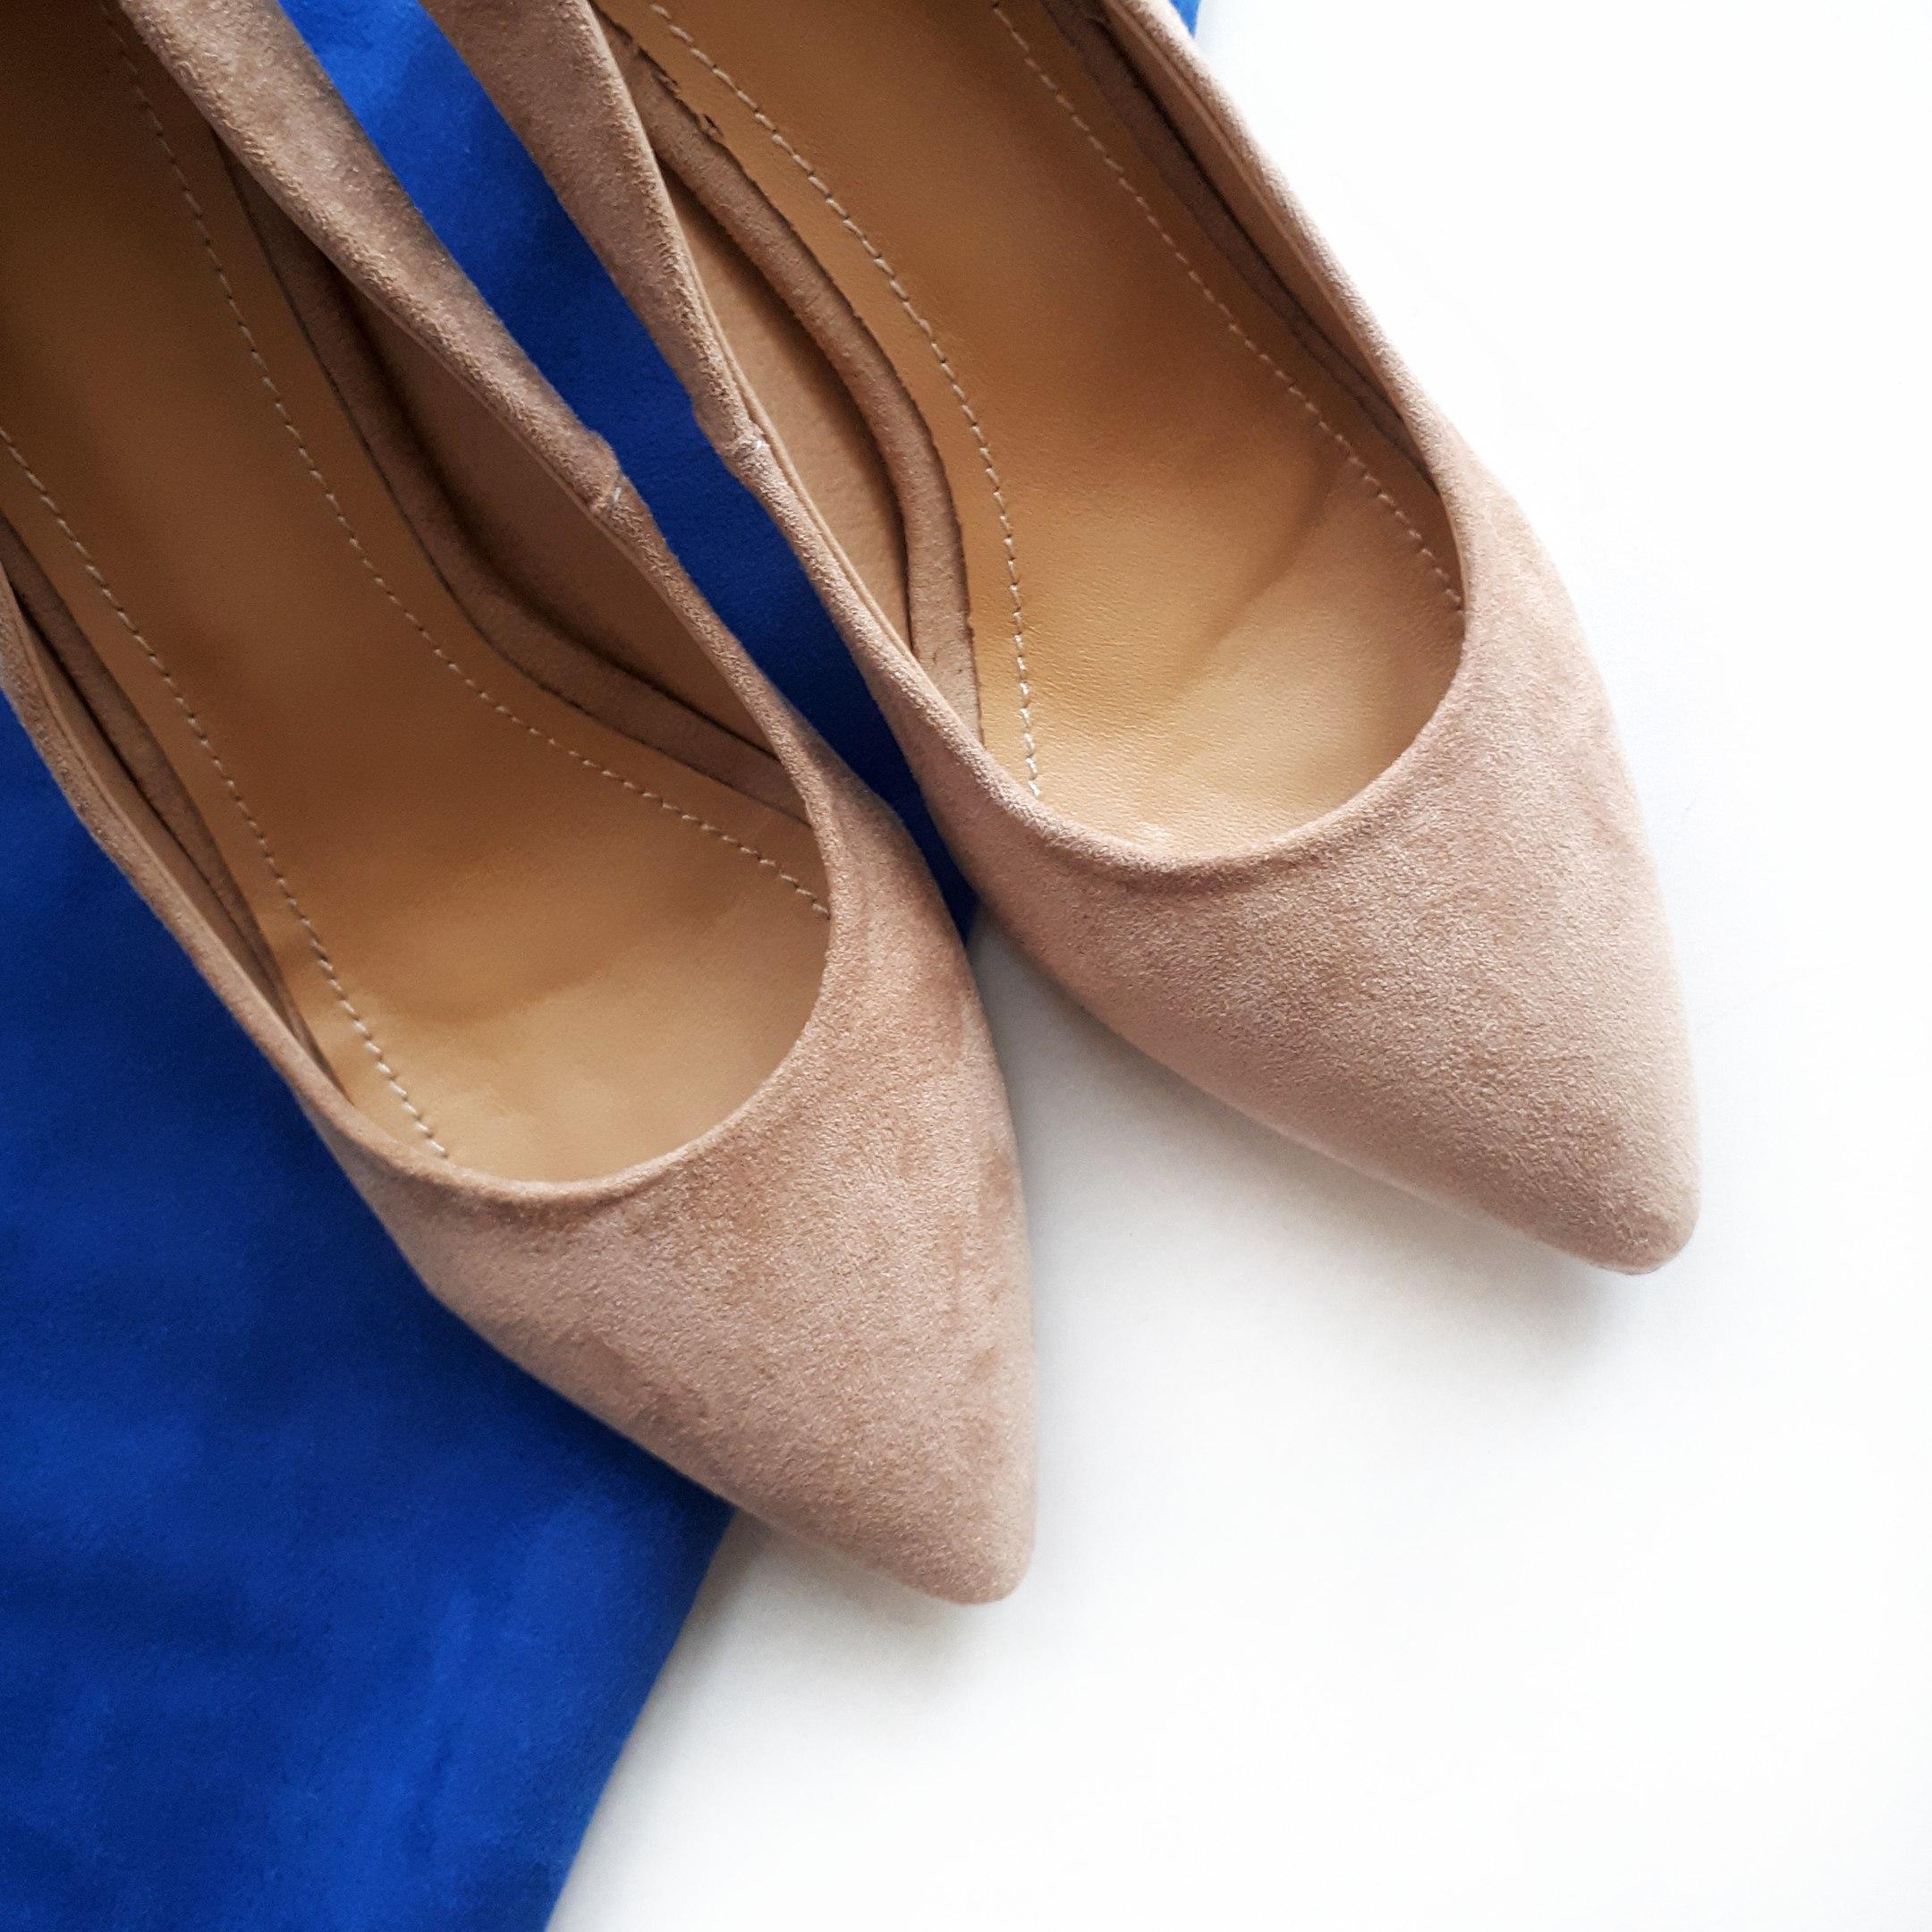 Туфельки под замшу с необычным каблуком от магазина Esveva